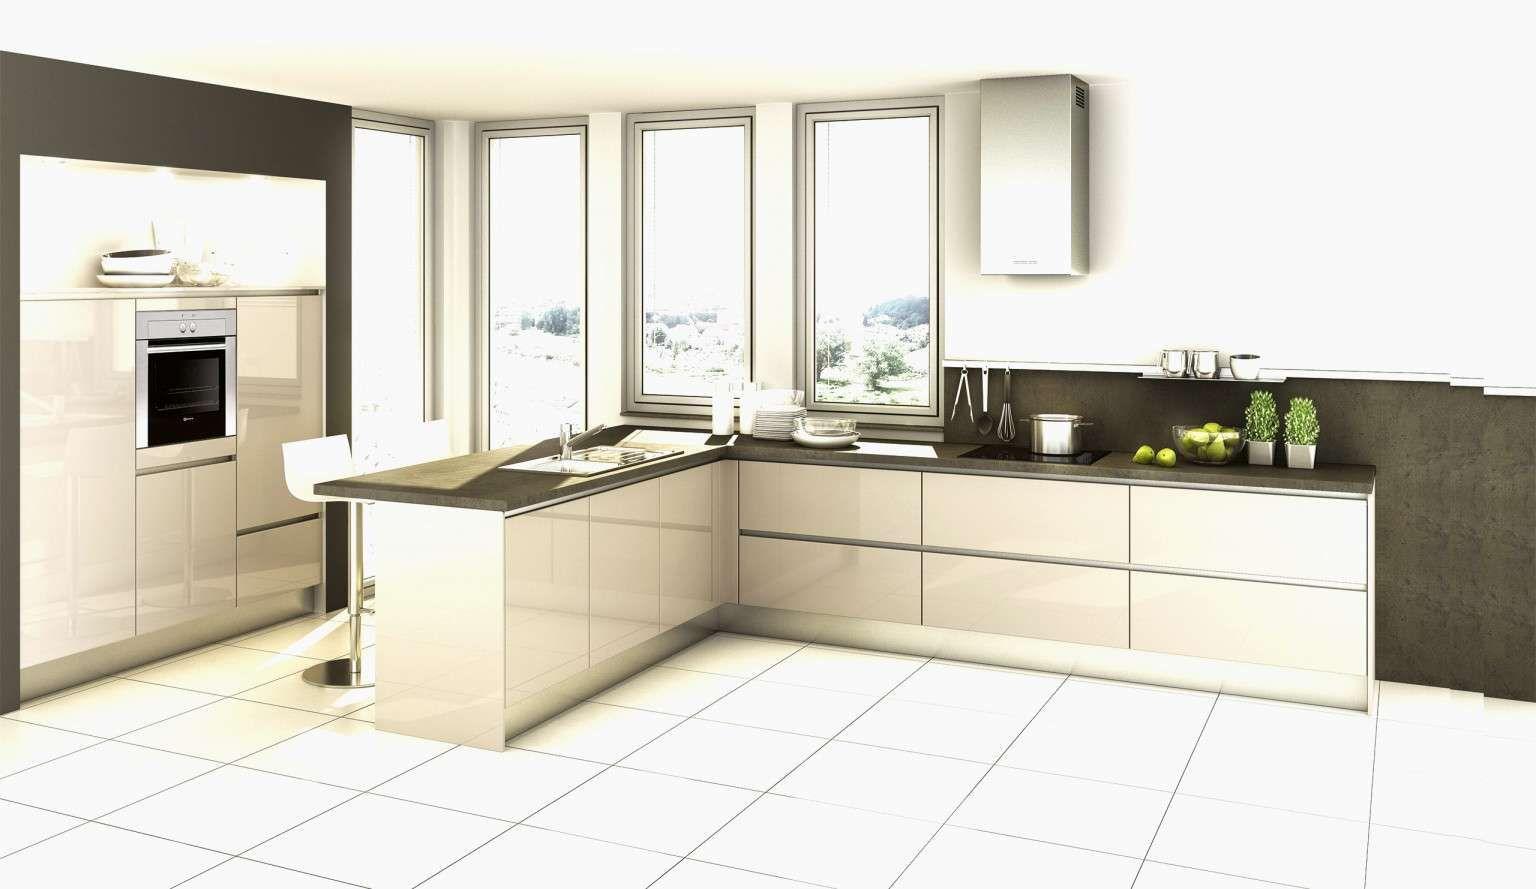 Full Size of Ikea Sthle Gebraucht 25 Exclusive Gastro Kche Luxus Schreinerküche Küche Holz Modern Miniküche Mit Kühlschrank Spülbecken Aufbewahrungsbehälter Anrichte Wohnzimmer Ikea Küche Gebraucht